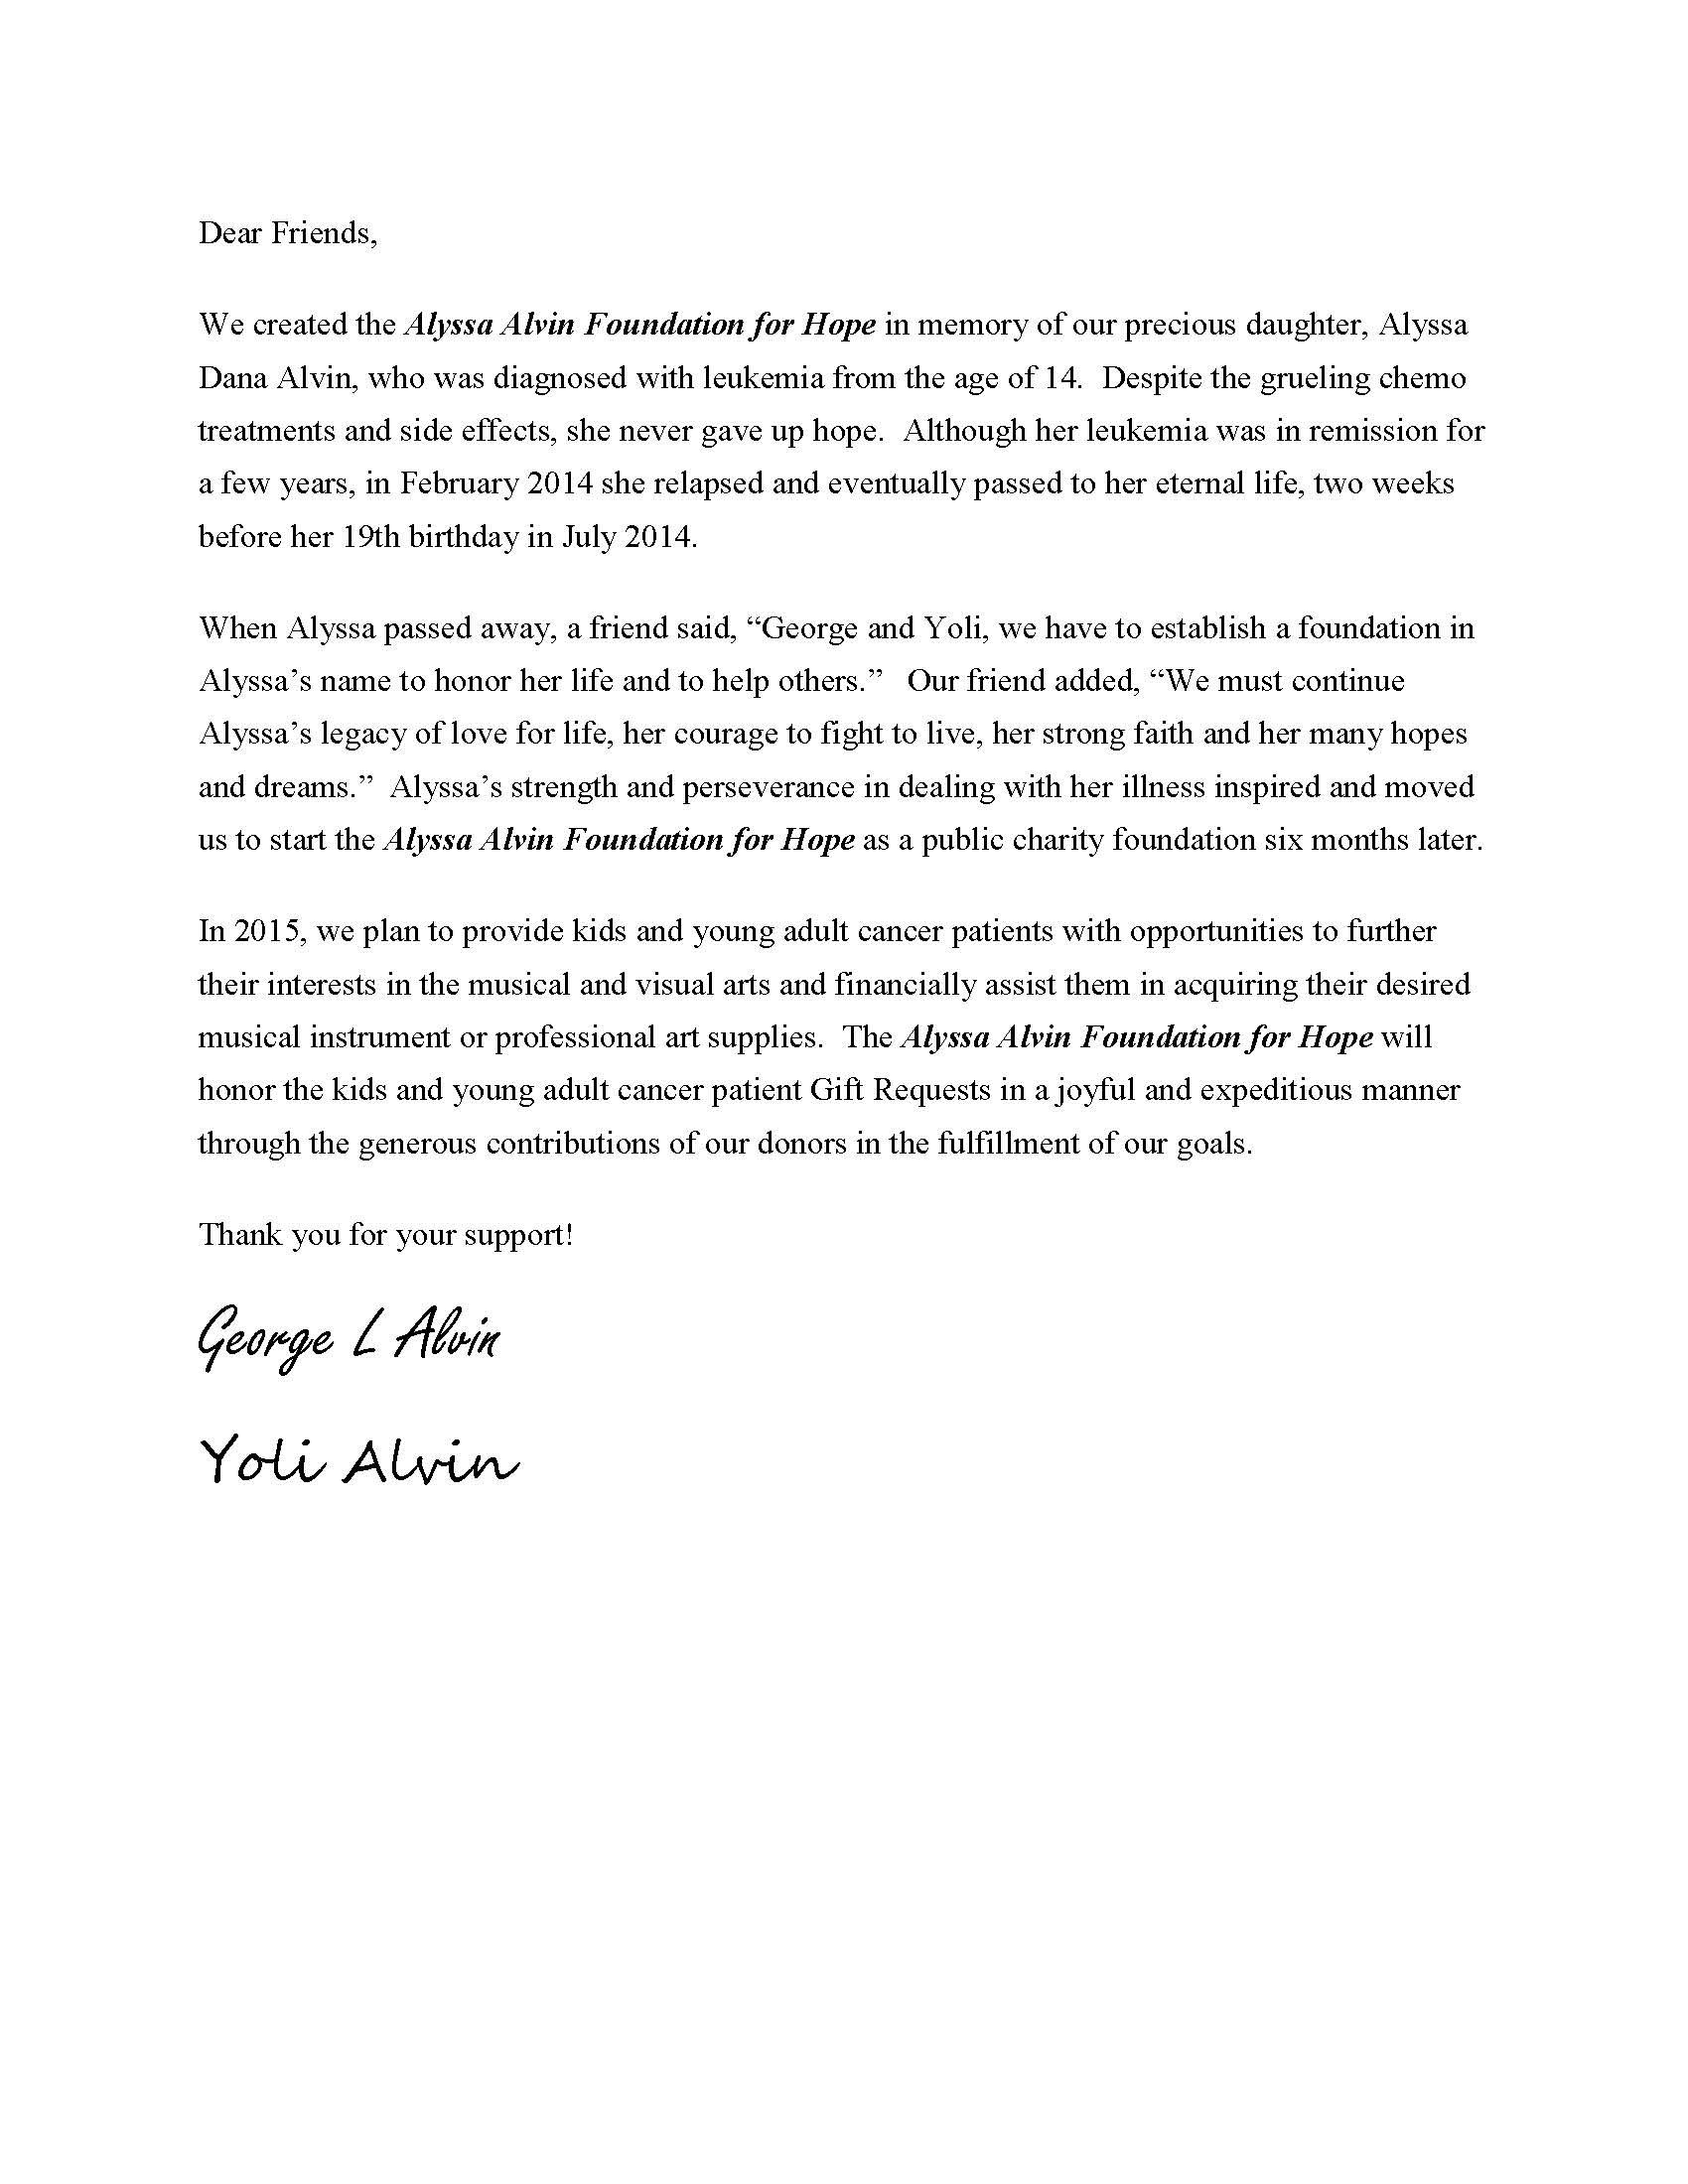 Parents Letter 3.4.15 (signed).jpg